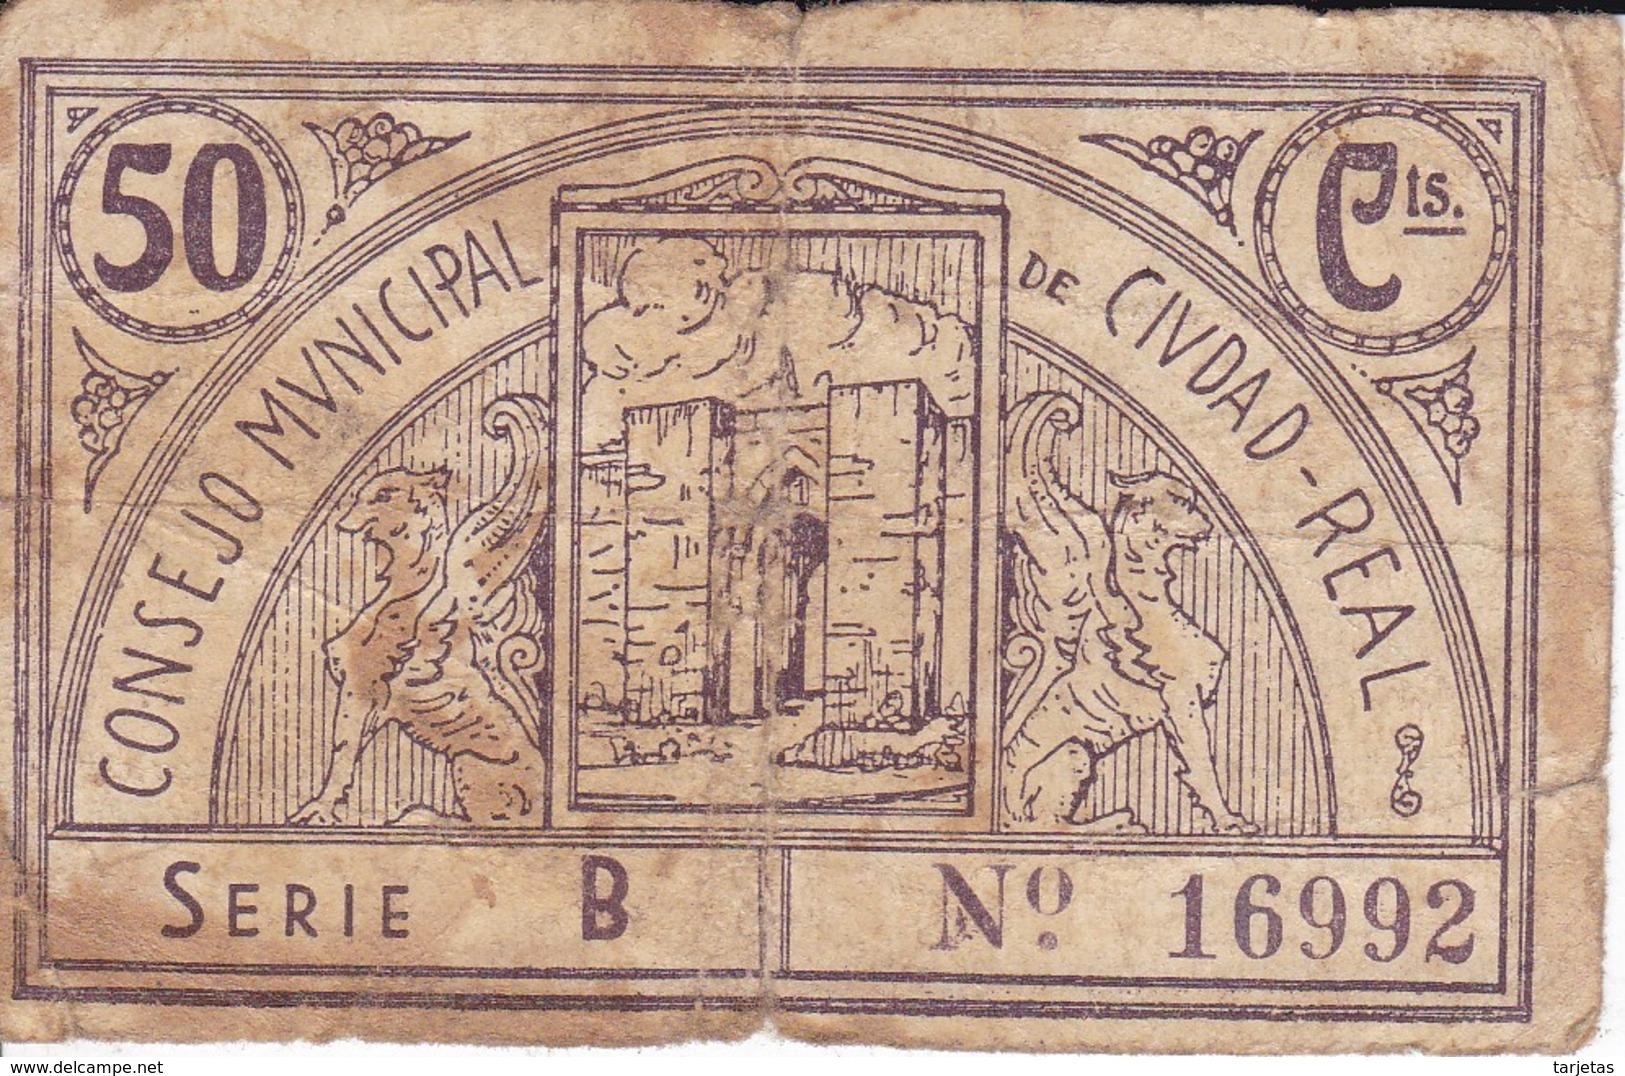 BILLETE DE 50 CENTIMOS DEL CONSEJO MUNICIPAL DE CIUDAD REAL DEL AÑO 1937 - RARO     (BANKNOTE) - [ 2] 1931-1936 : República